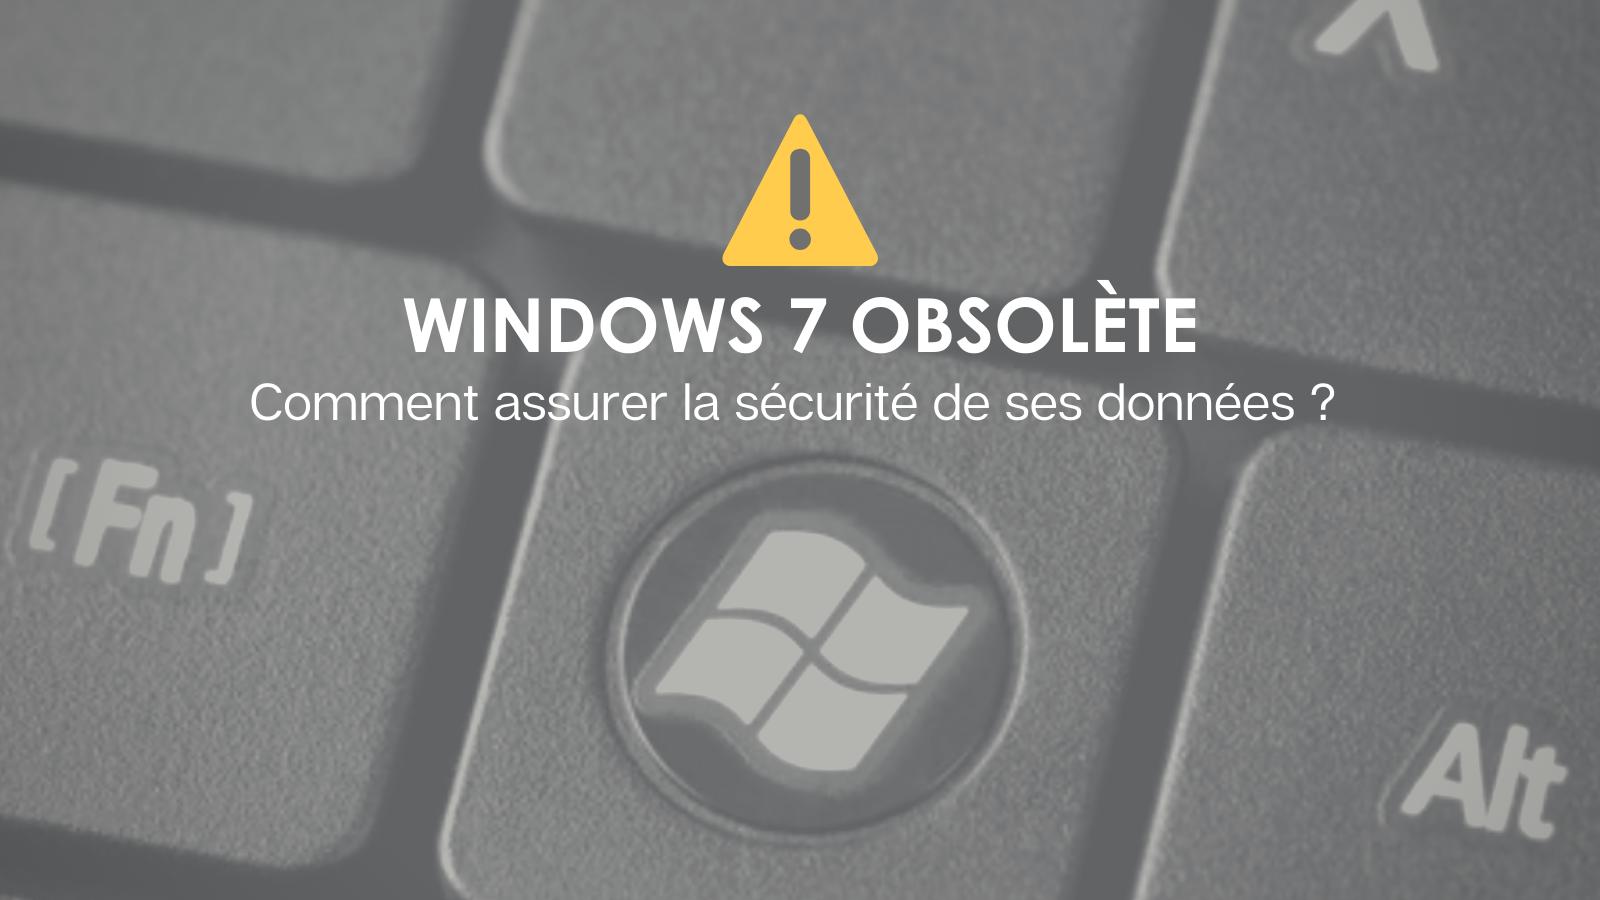 Fin de Windows 7 : Il est temps de vous protéger